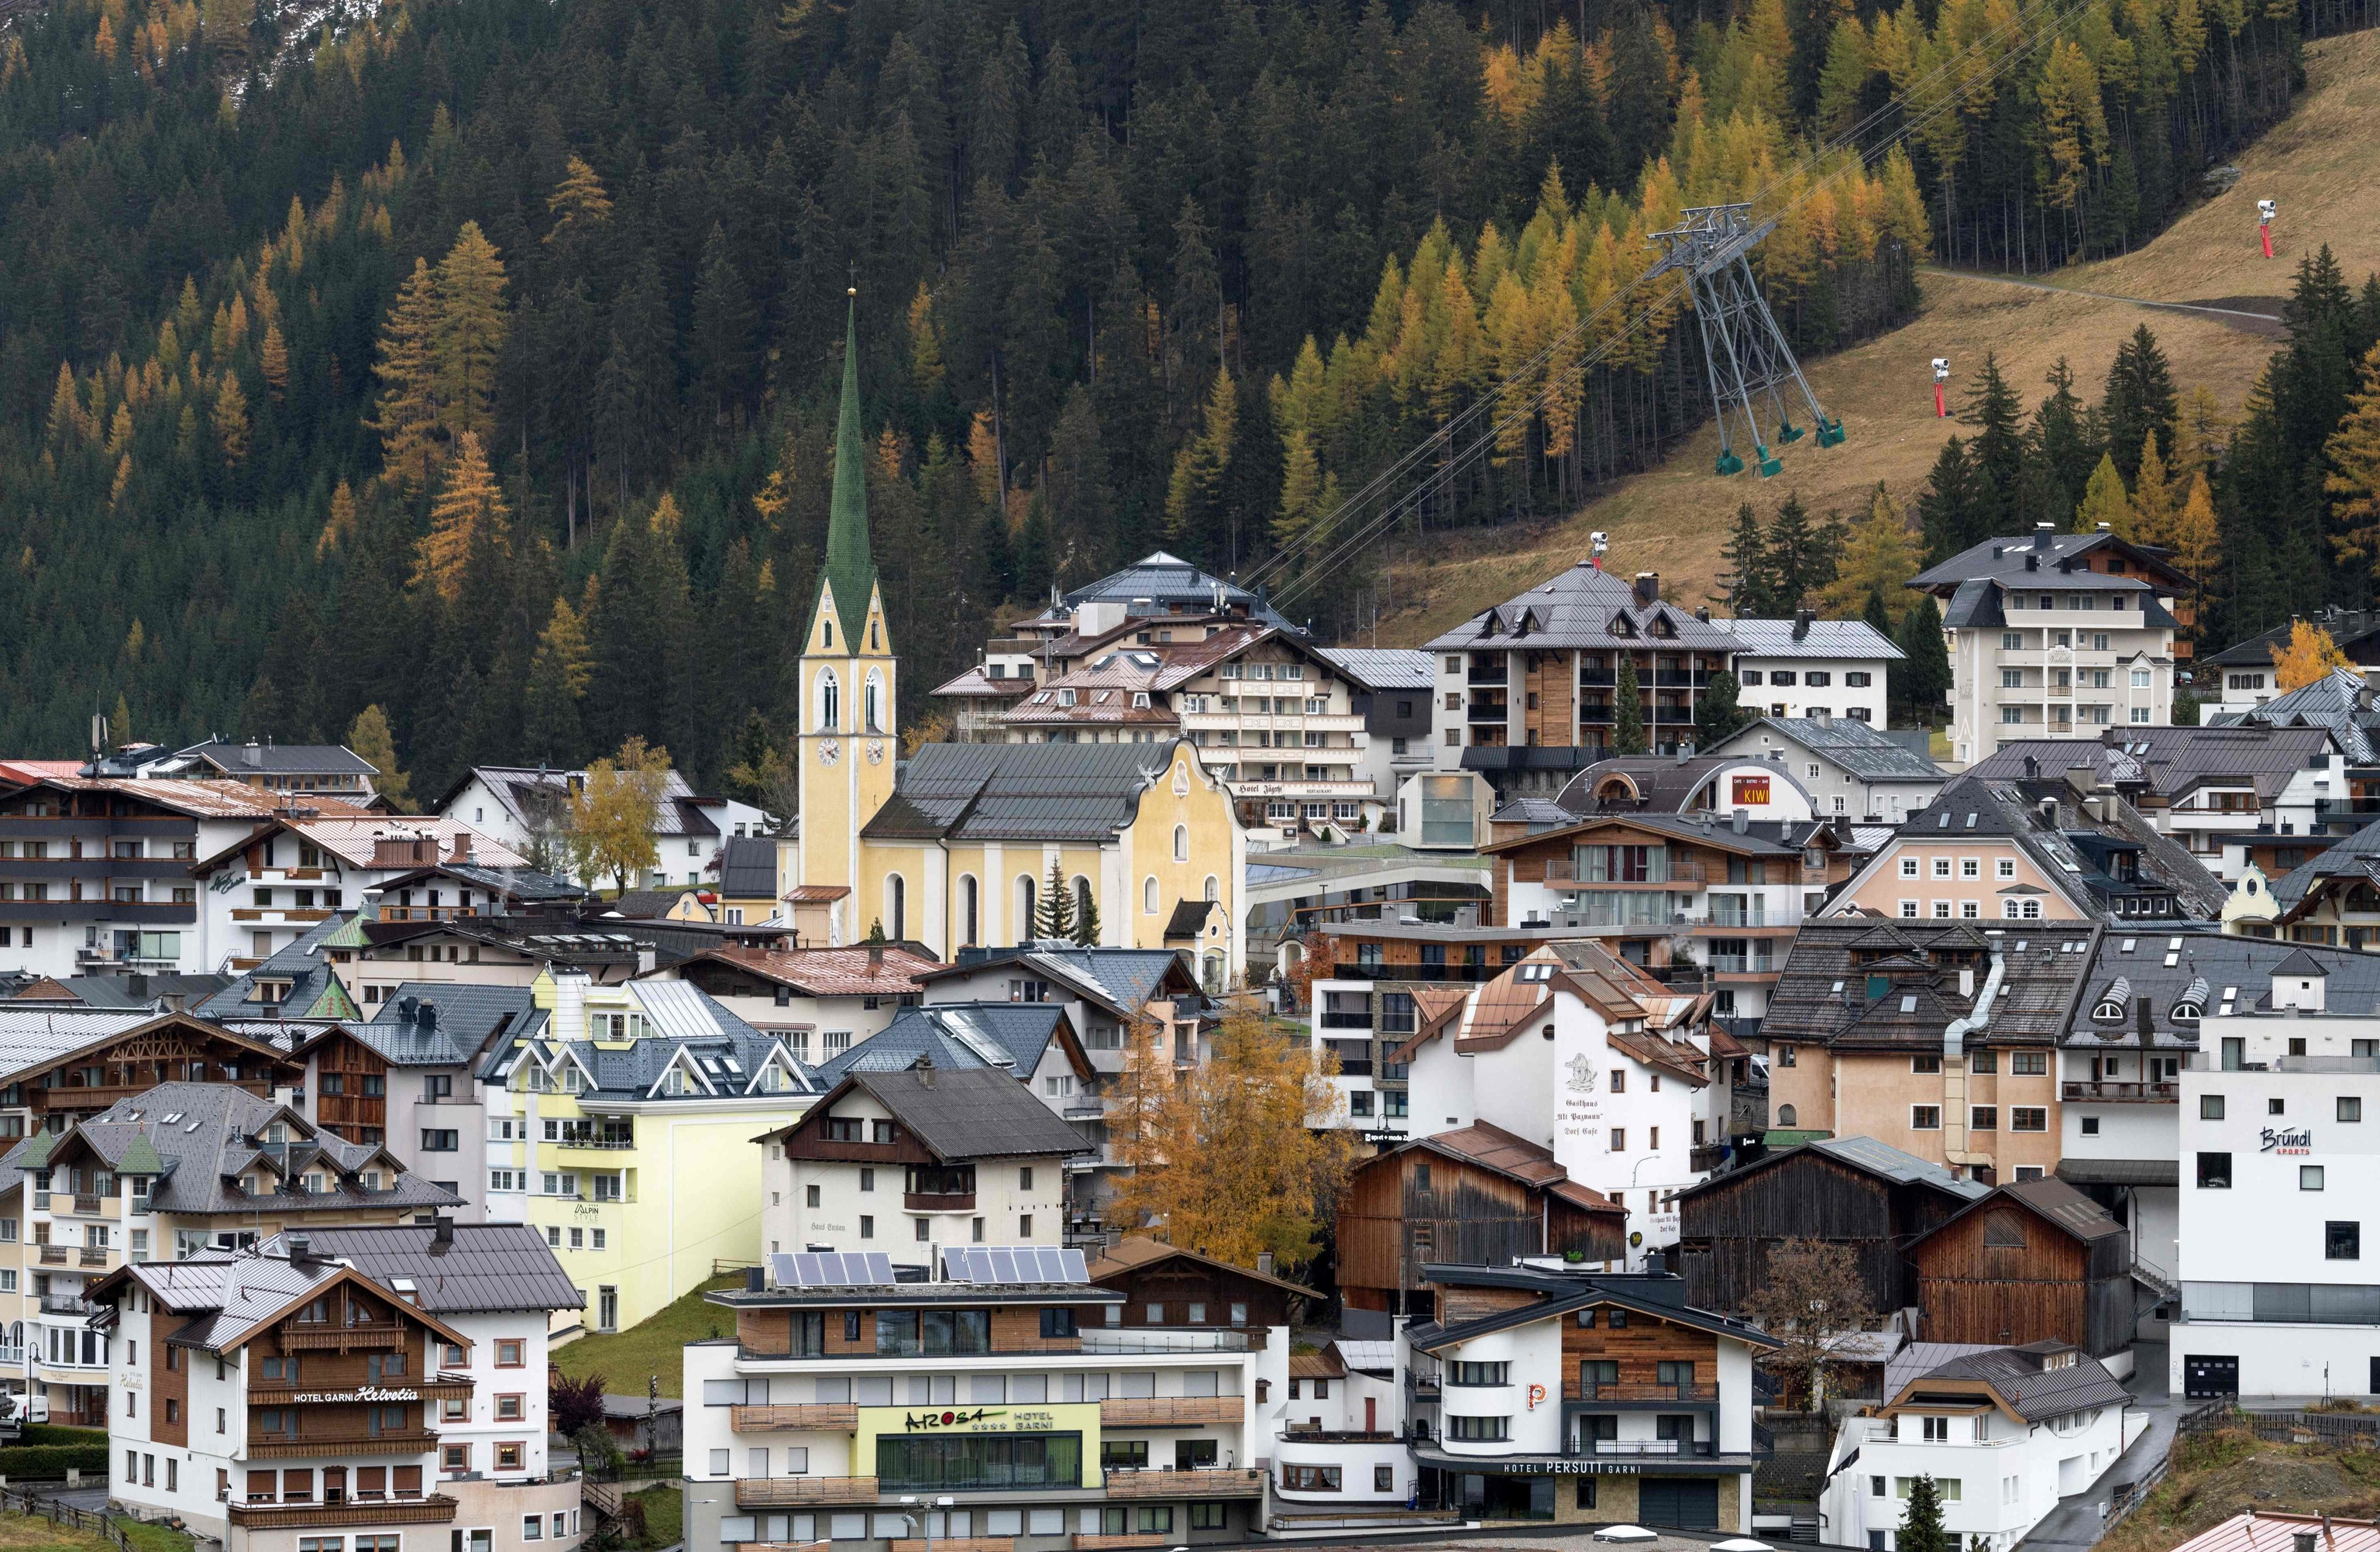 Vista del pueblo de Ischgl, en Austria.